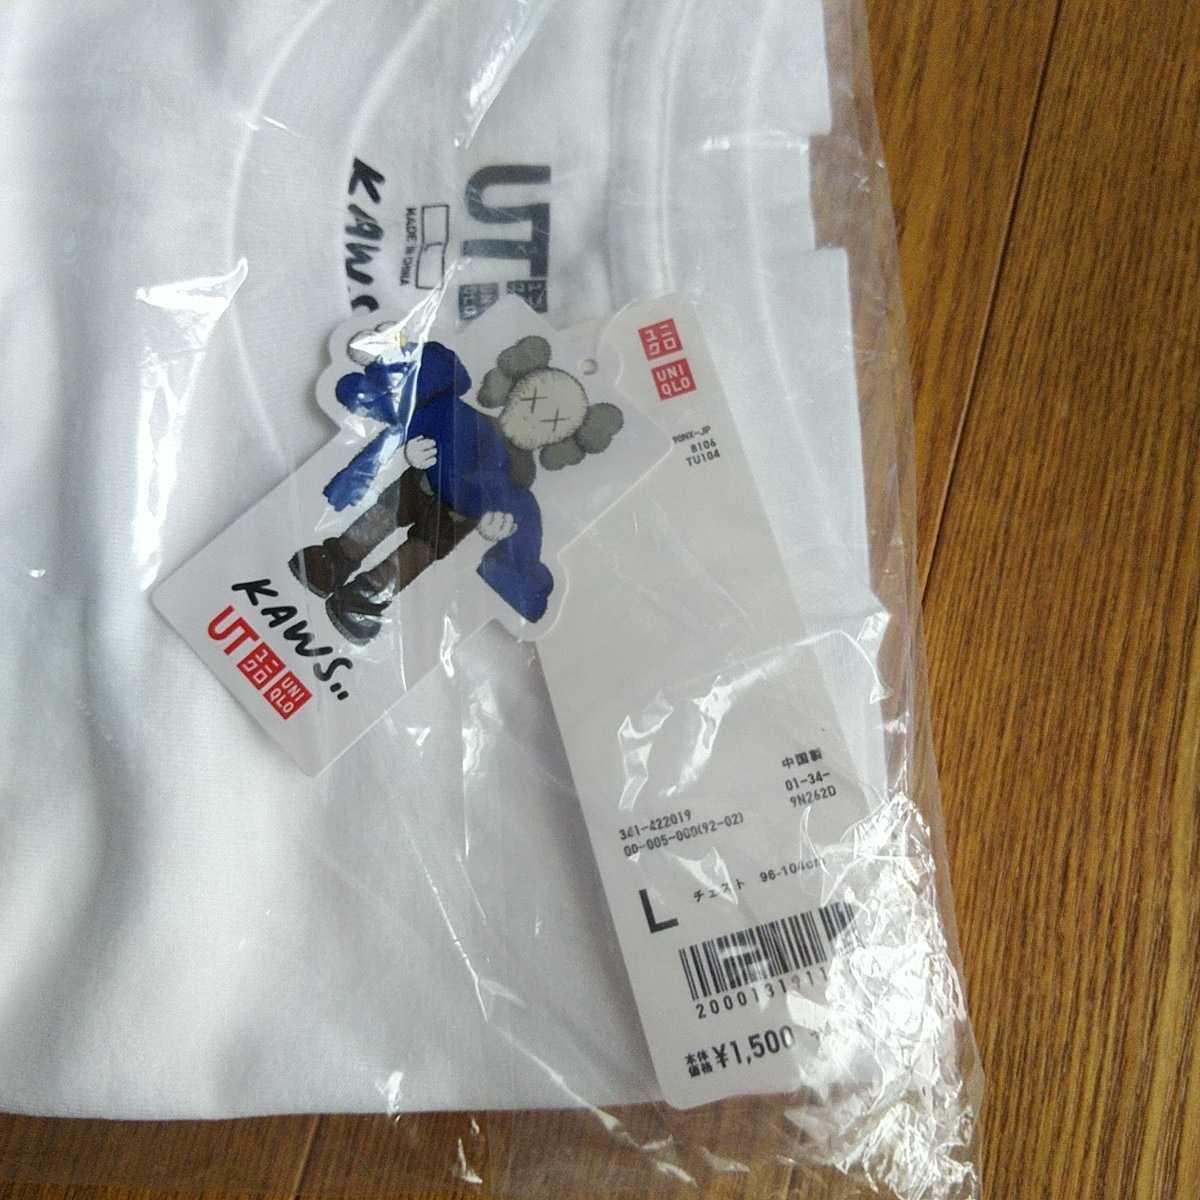 ユニクロ カウズ コラボUT KAWS サイズL 希少 新品 Tシャツ コラボTシャツ 認証制限なし クーポン利用_画像3